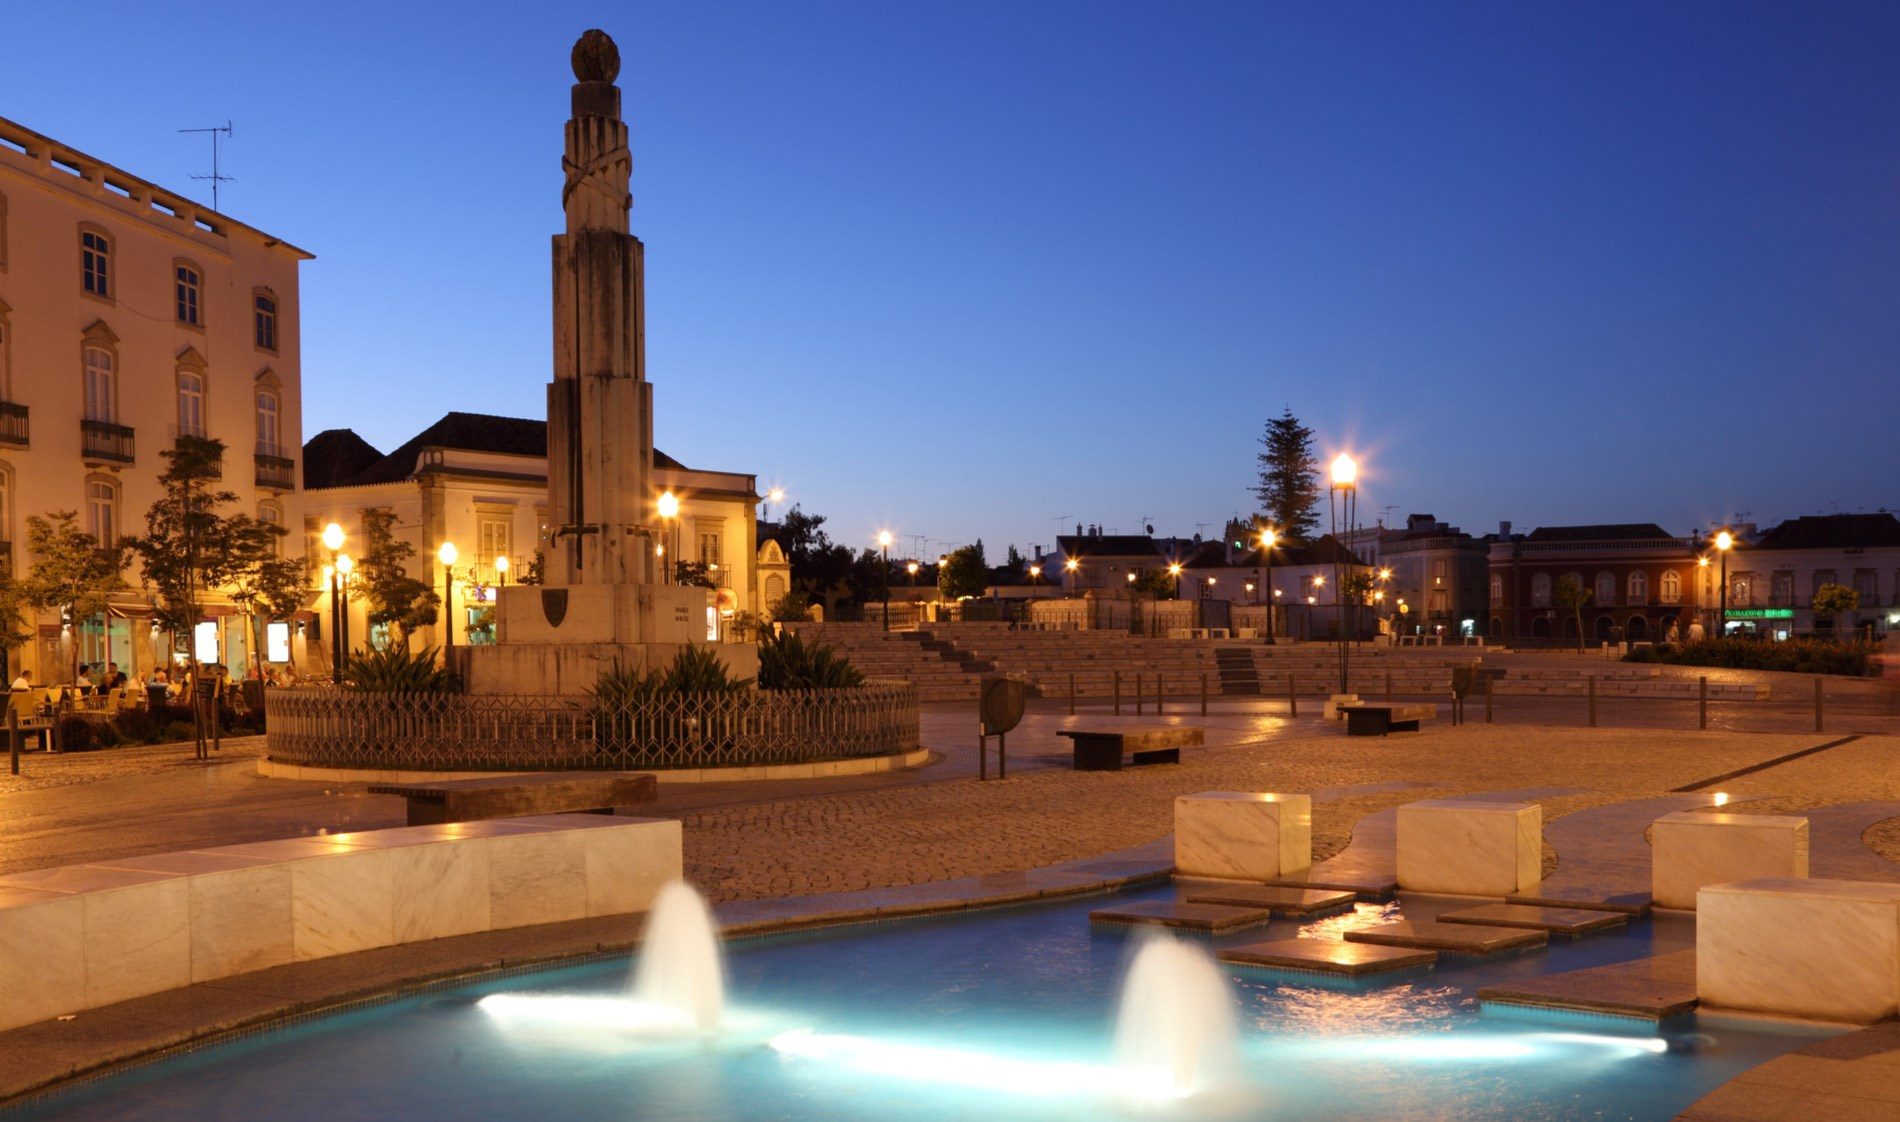 Praça Principal de Tavira à noite